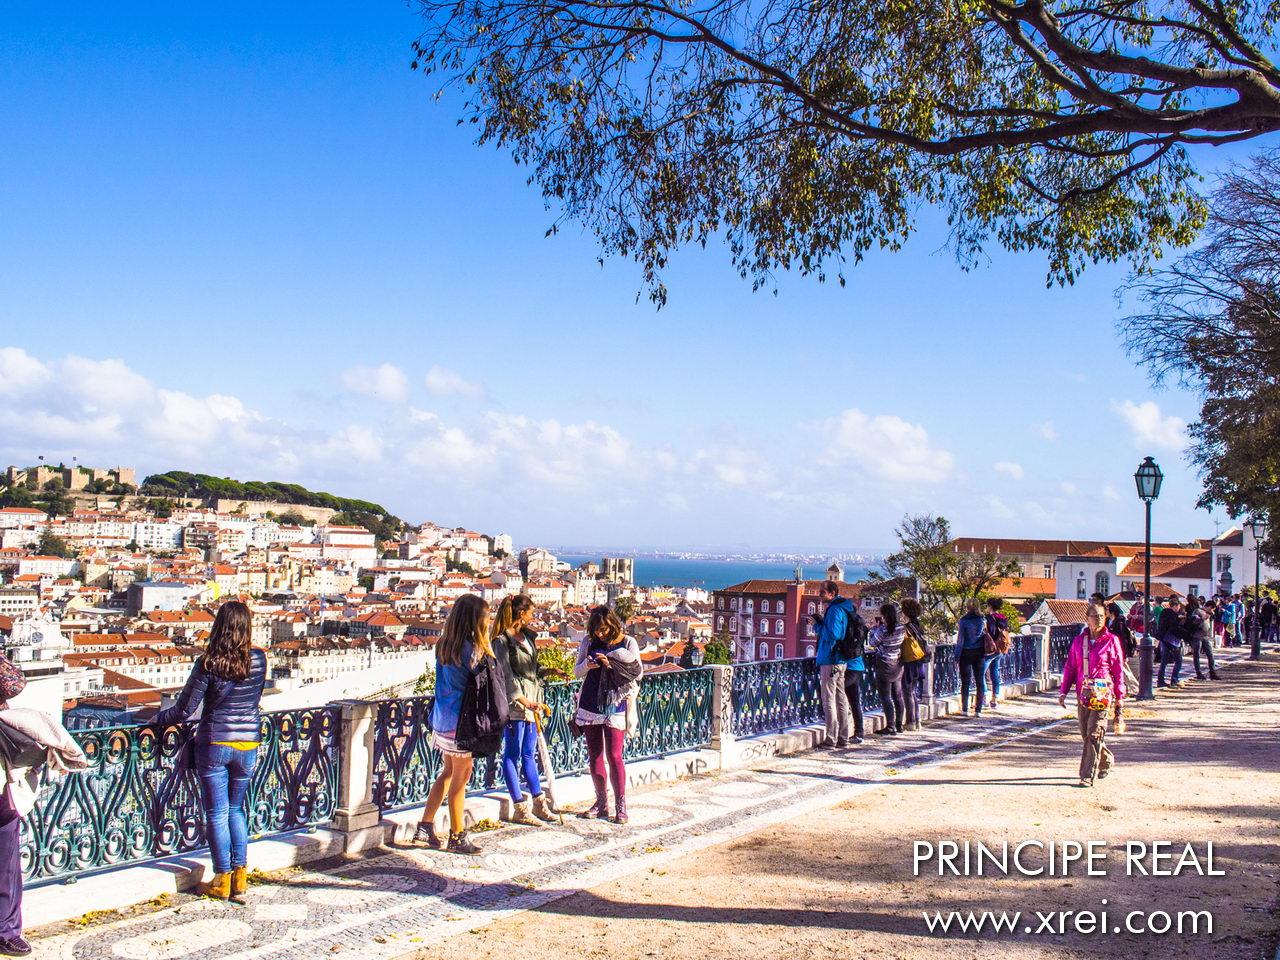 Miradouro Principe Real, São Pedro de Alcântara é um parque ajardinado situado na parte Leste do Princípe Real, no topo da encosta onde podemos disfrutar uma vista fantástica sobre a Baixa lisboeta, sobre a costa do Castelo, a Mouraria, e o rio Tejo